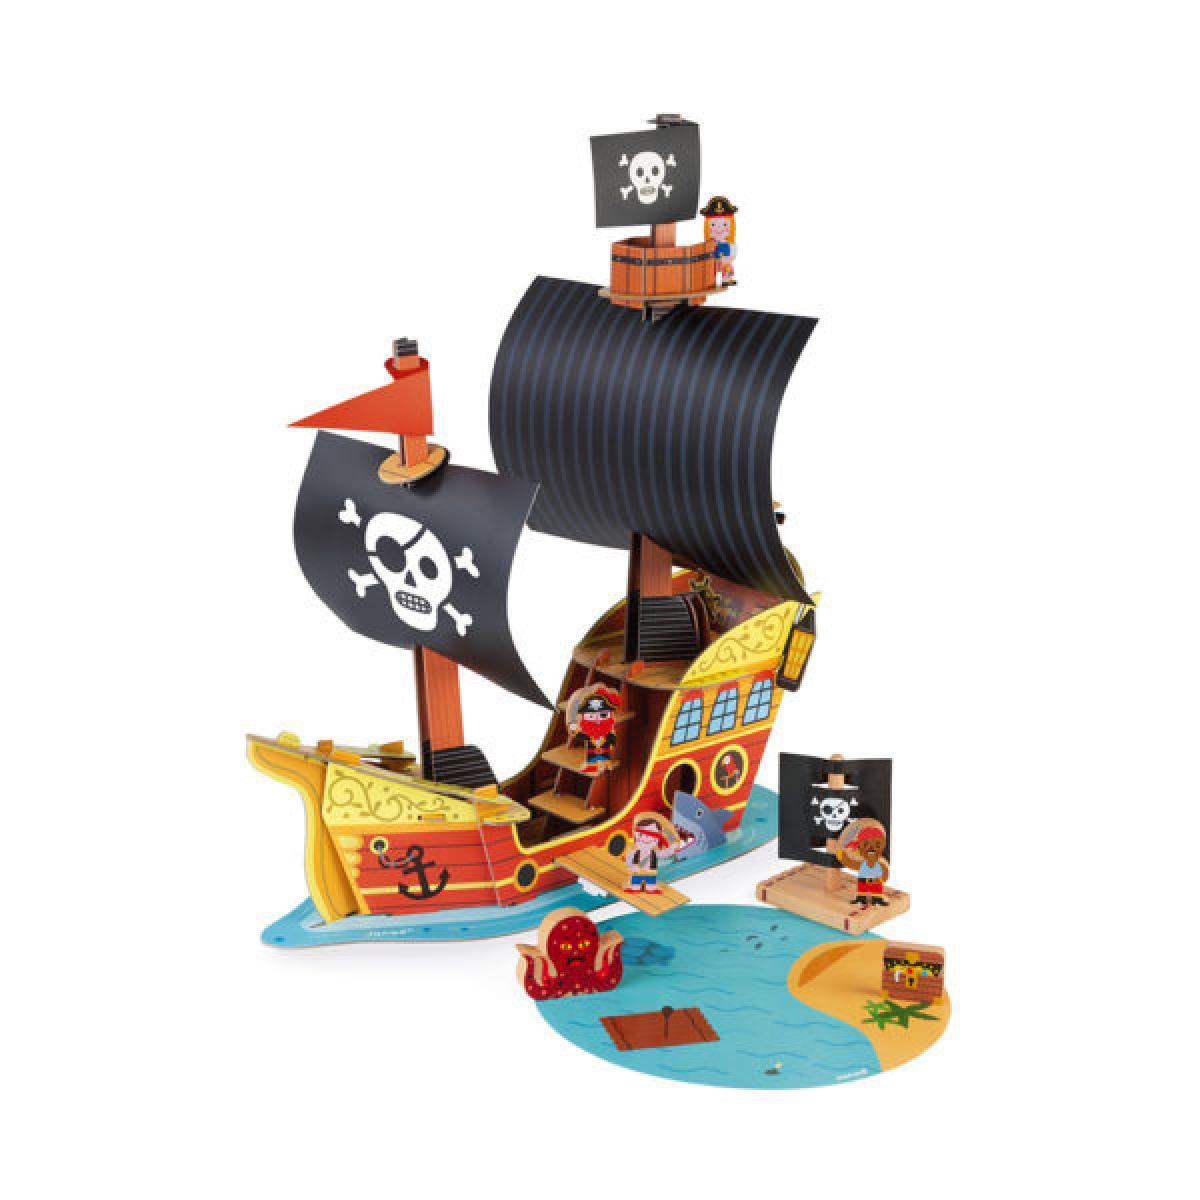 Juratoys-Janod Bateau pirate Story